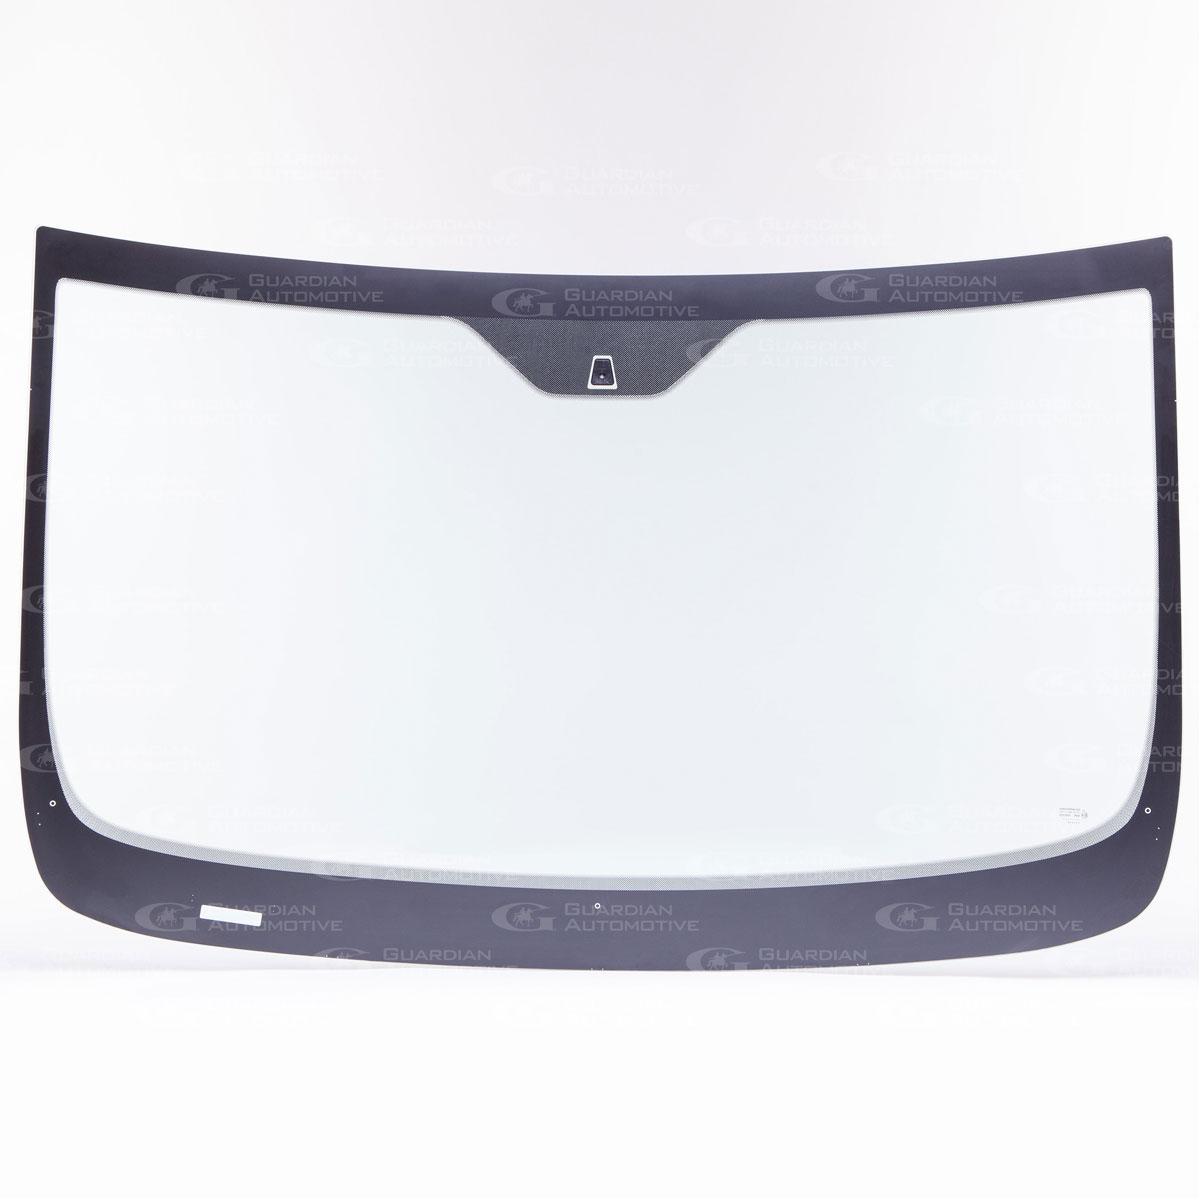 Grand Angle Miroir Verre Passager Côté Lh VAX095 2014 Sur * FIAT DOBLO